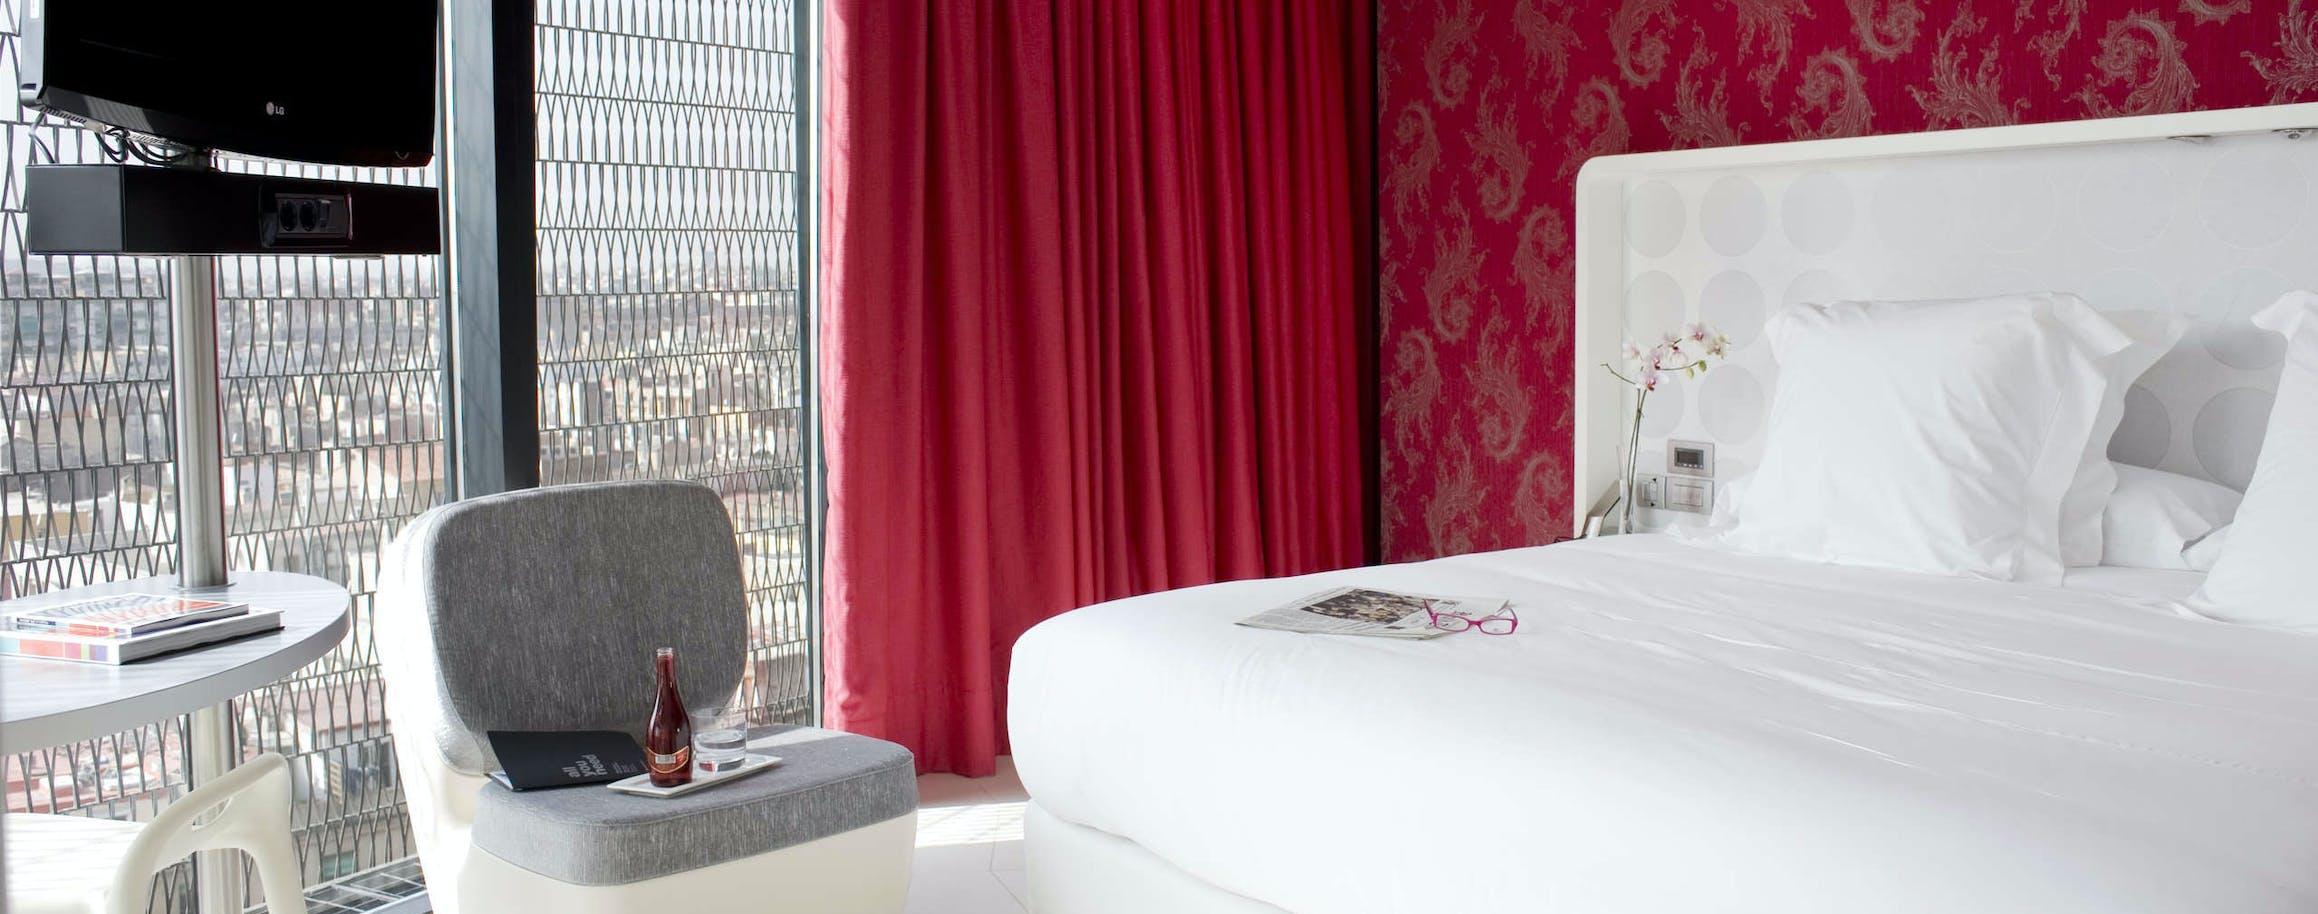 Barceló Raval Barcelona Hoteltonight